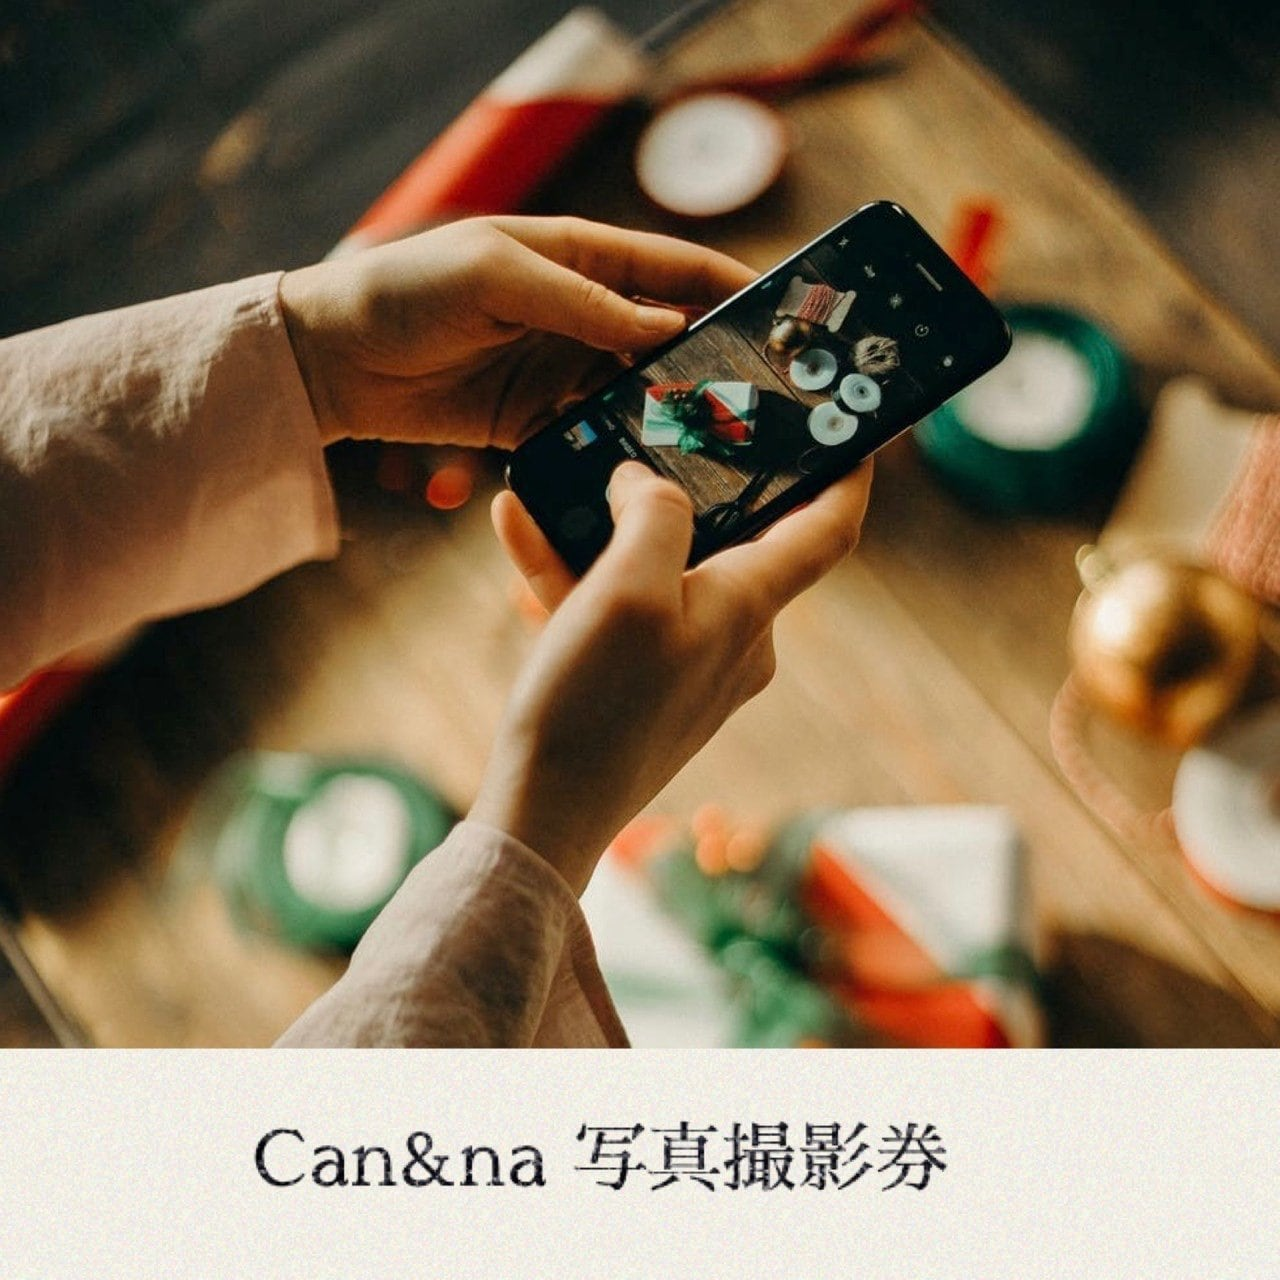 Can&na 写真撮影券 1時間のイメージその1